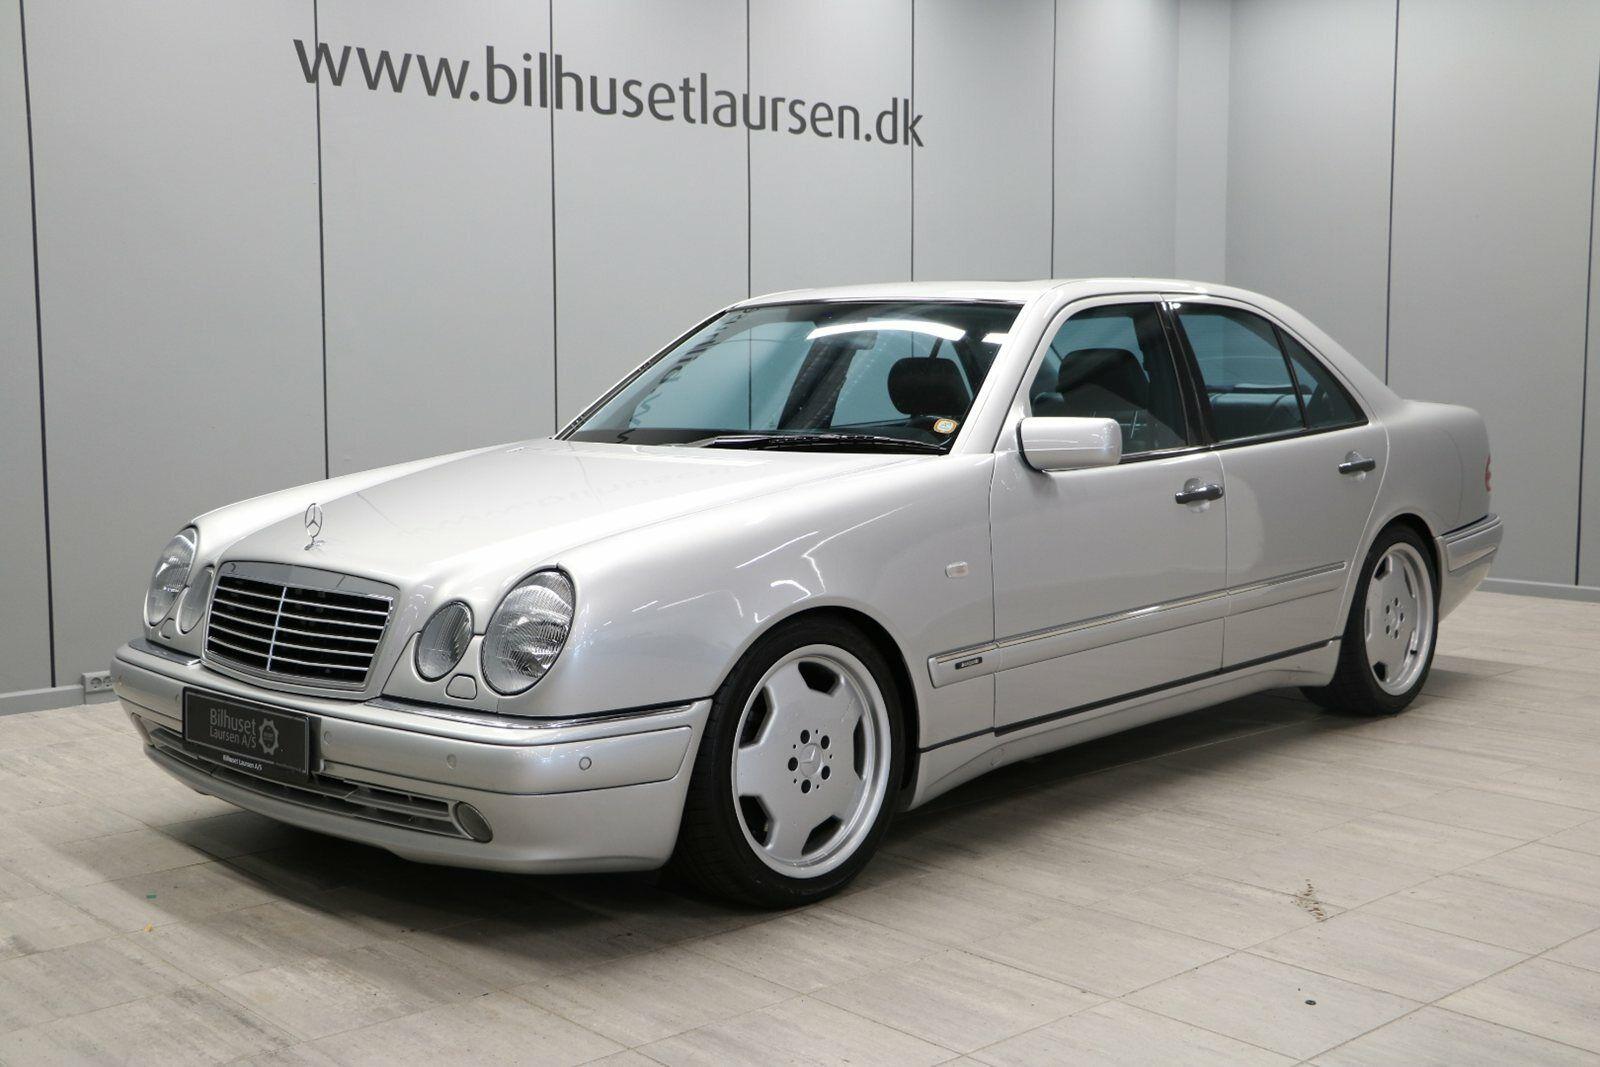 Mercedes E55 5,4 AMG Avantgarde aut. 4d - 159.900 kr.